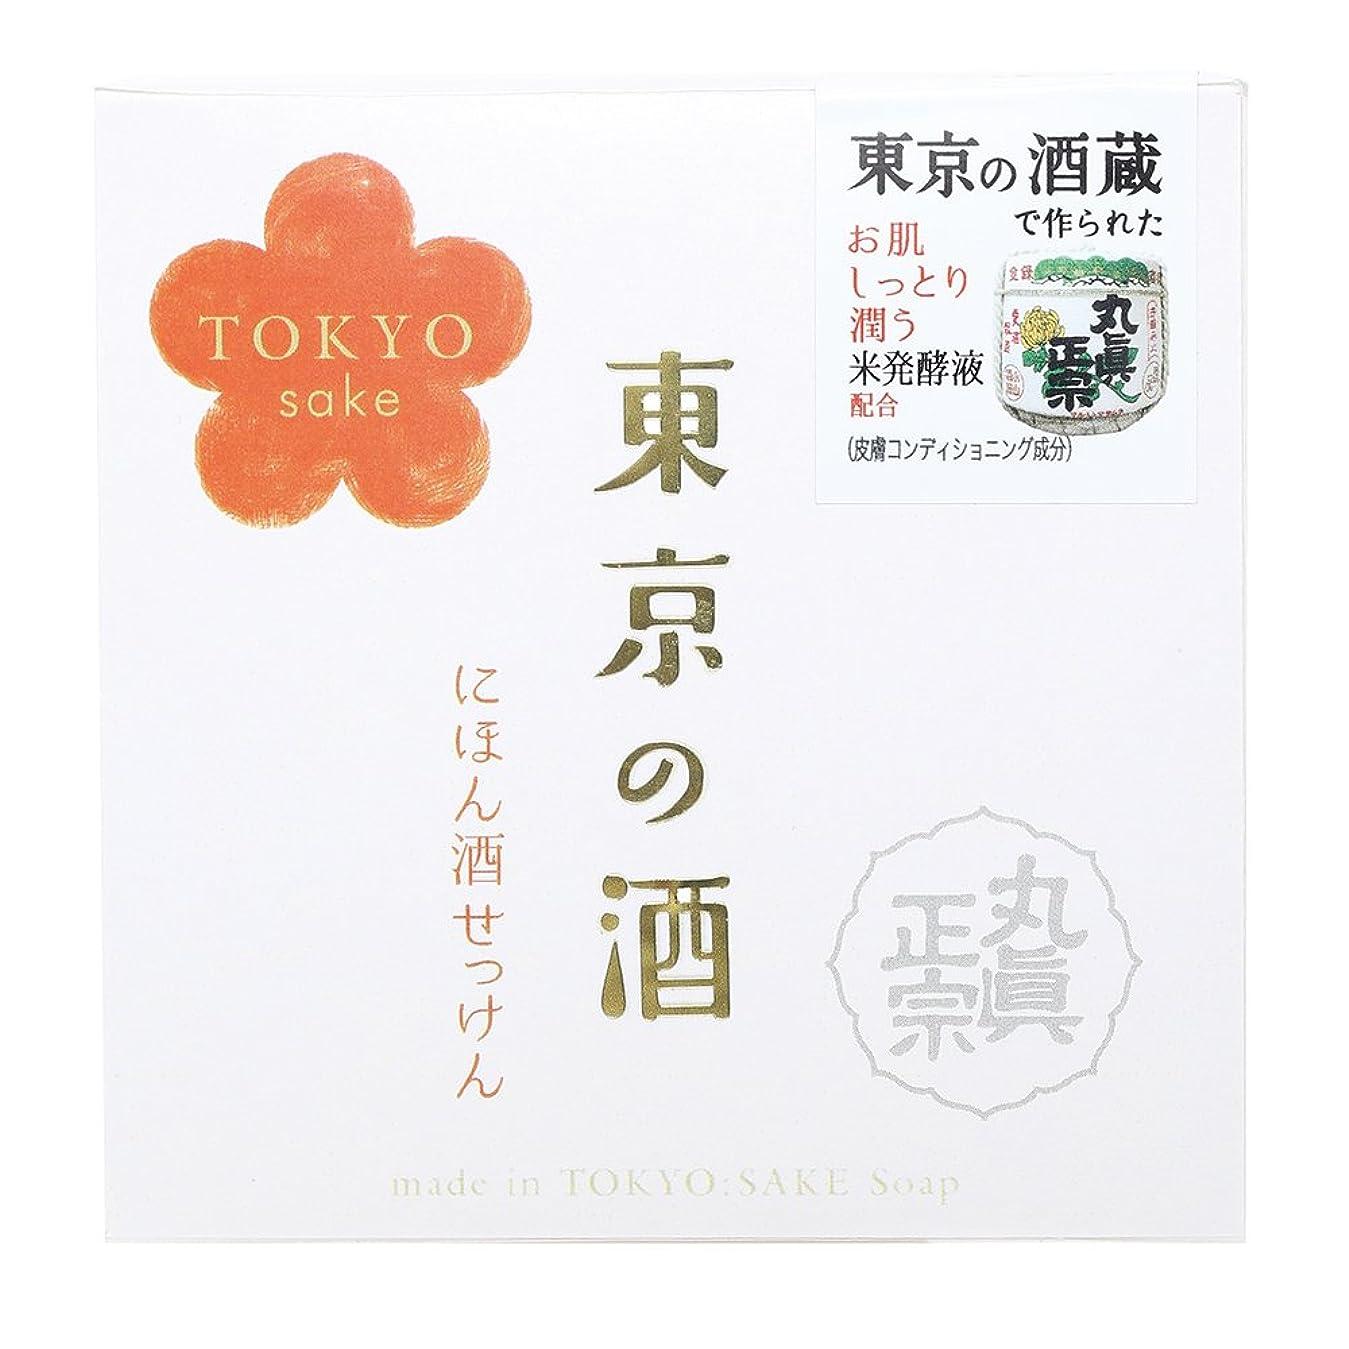 会話甘くする心のこもったノルコーポレーション 東京の酒 石けん OB-TKY-1-1 100g